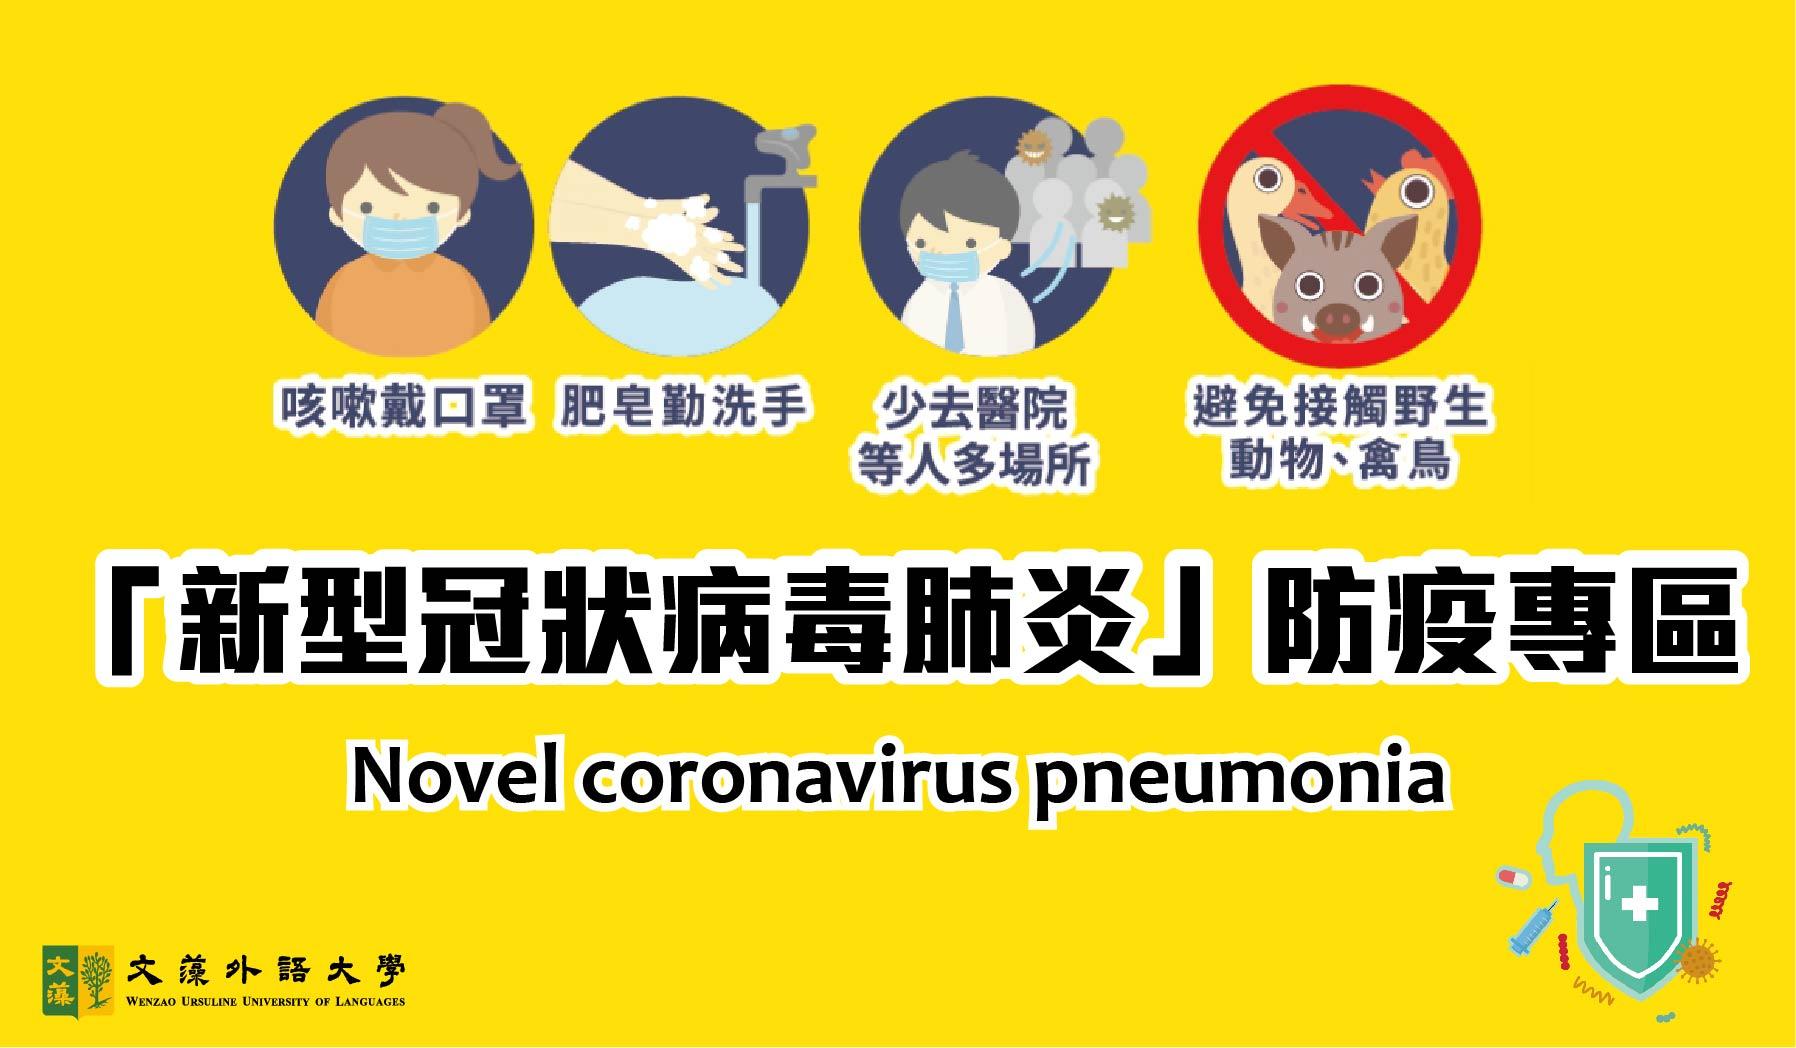 新型冠狀病毒肺炎「Novel coronavirus pneumonia」防疫專區